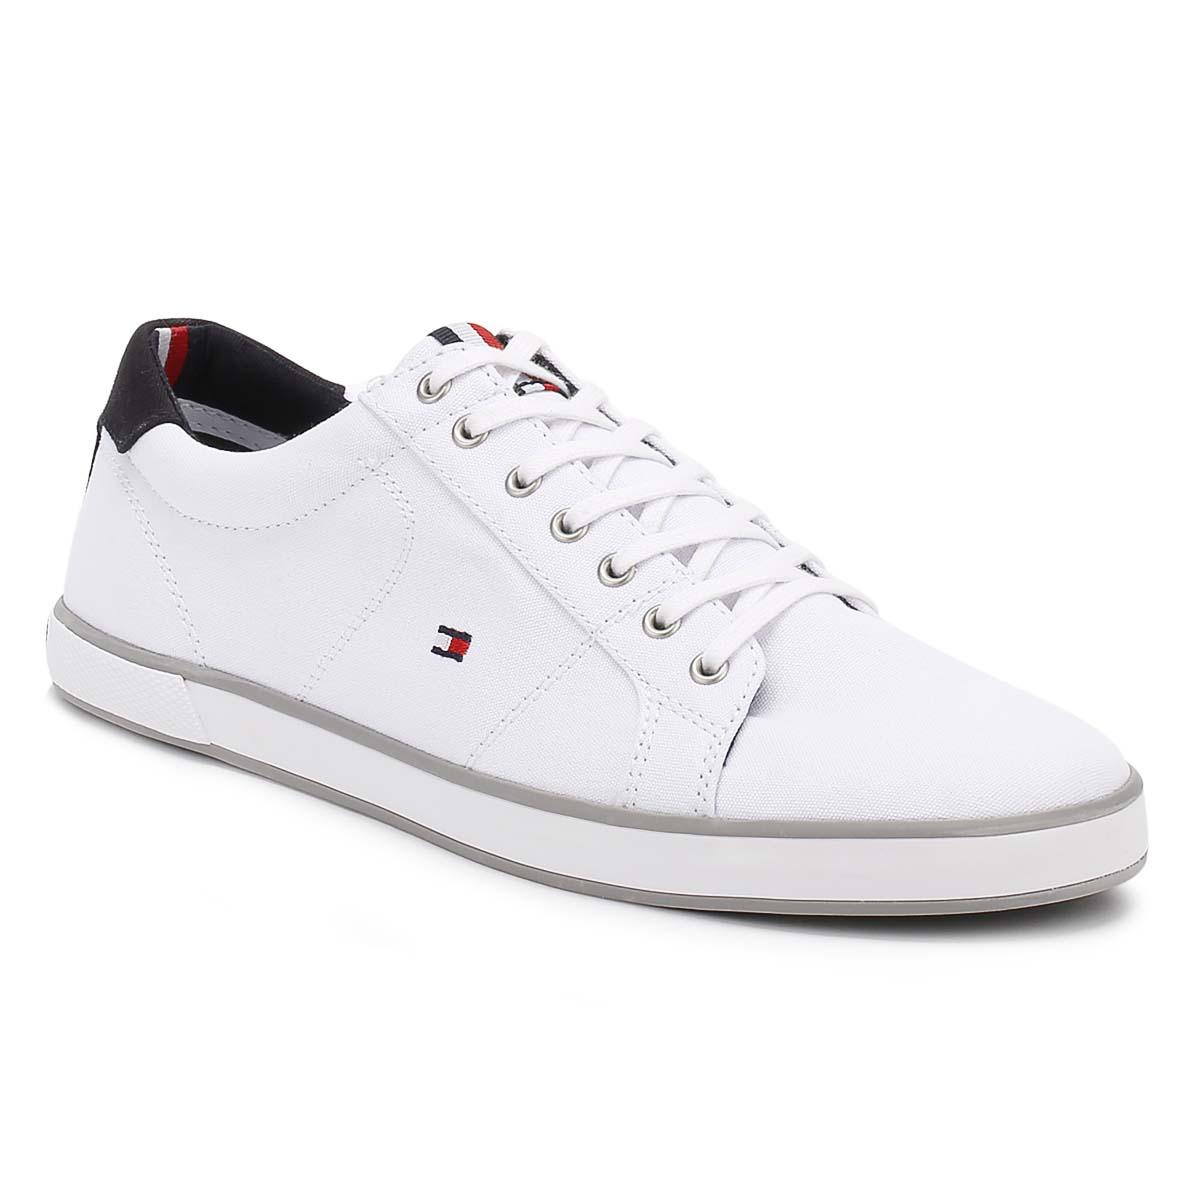 Shoes Tommy Hilfiger Uk